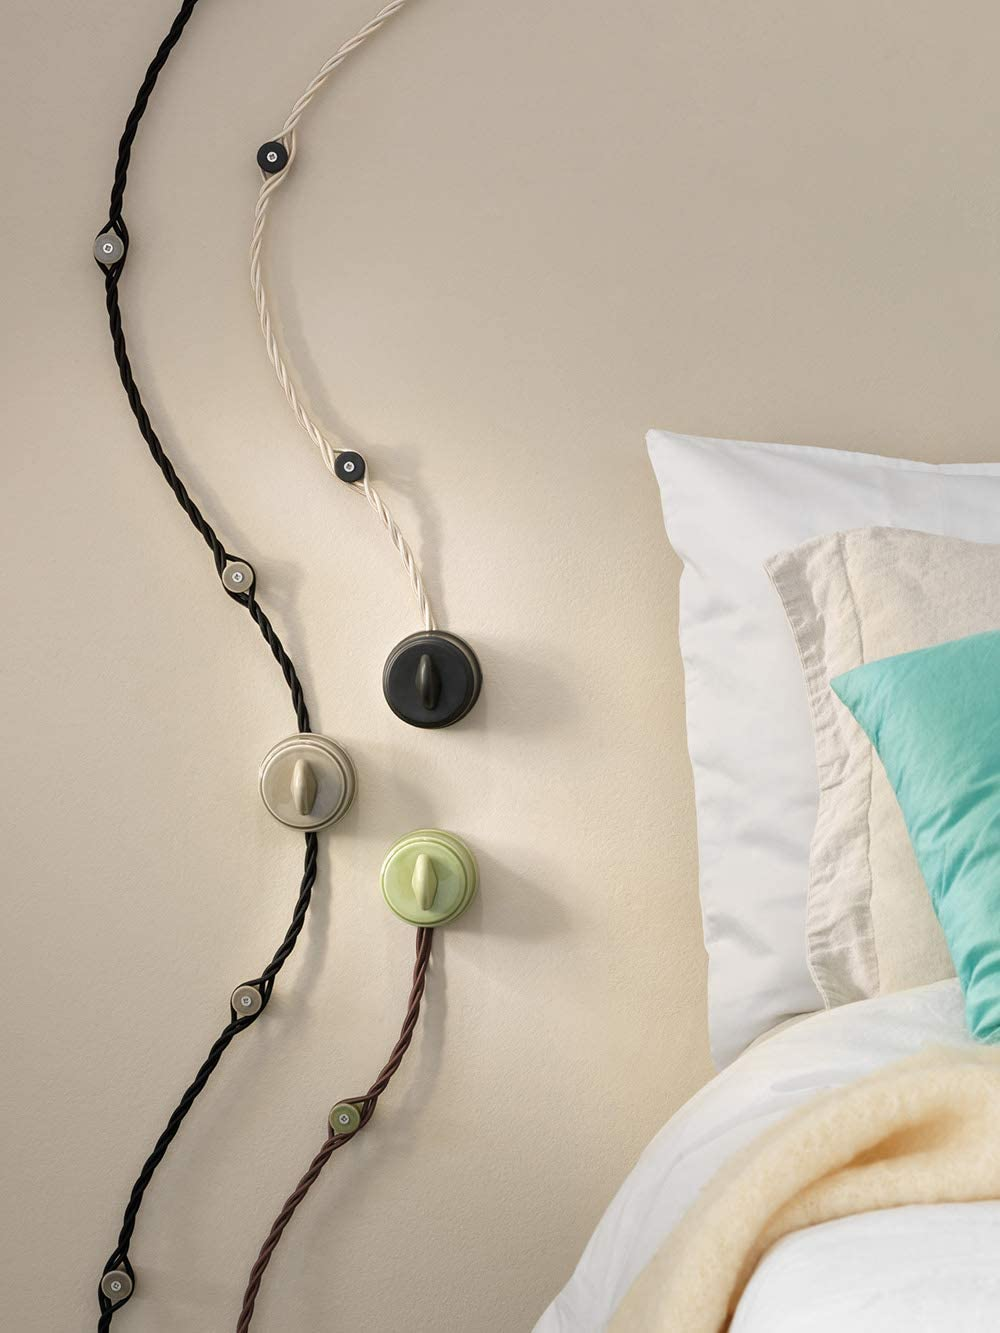 noir 10 m C/âble textile tress/é BELLE /ÉPOQUE pour installation /électrique vintage 3 x 1,5 mm Klartext